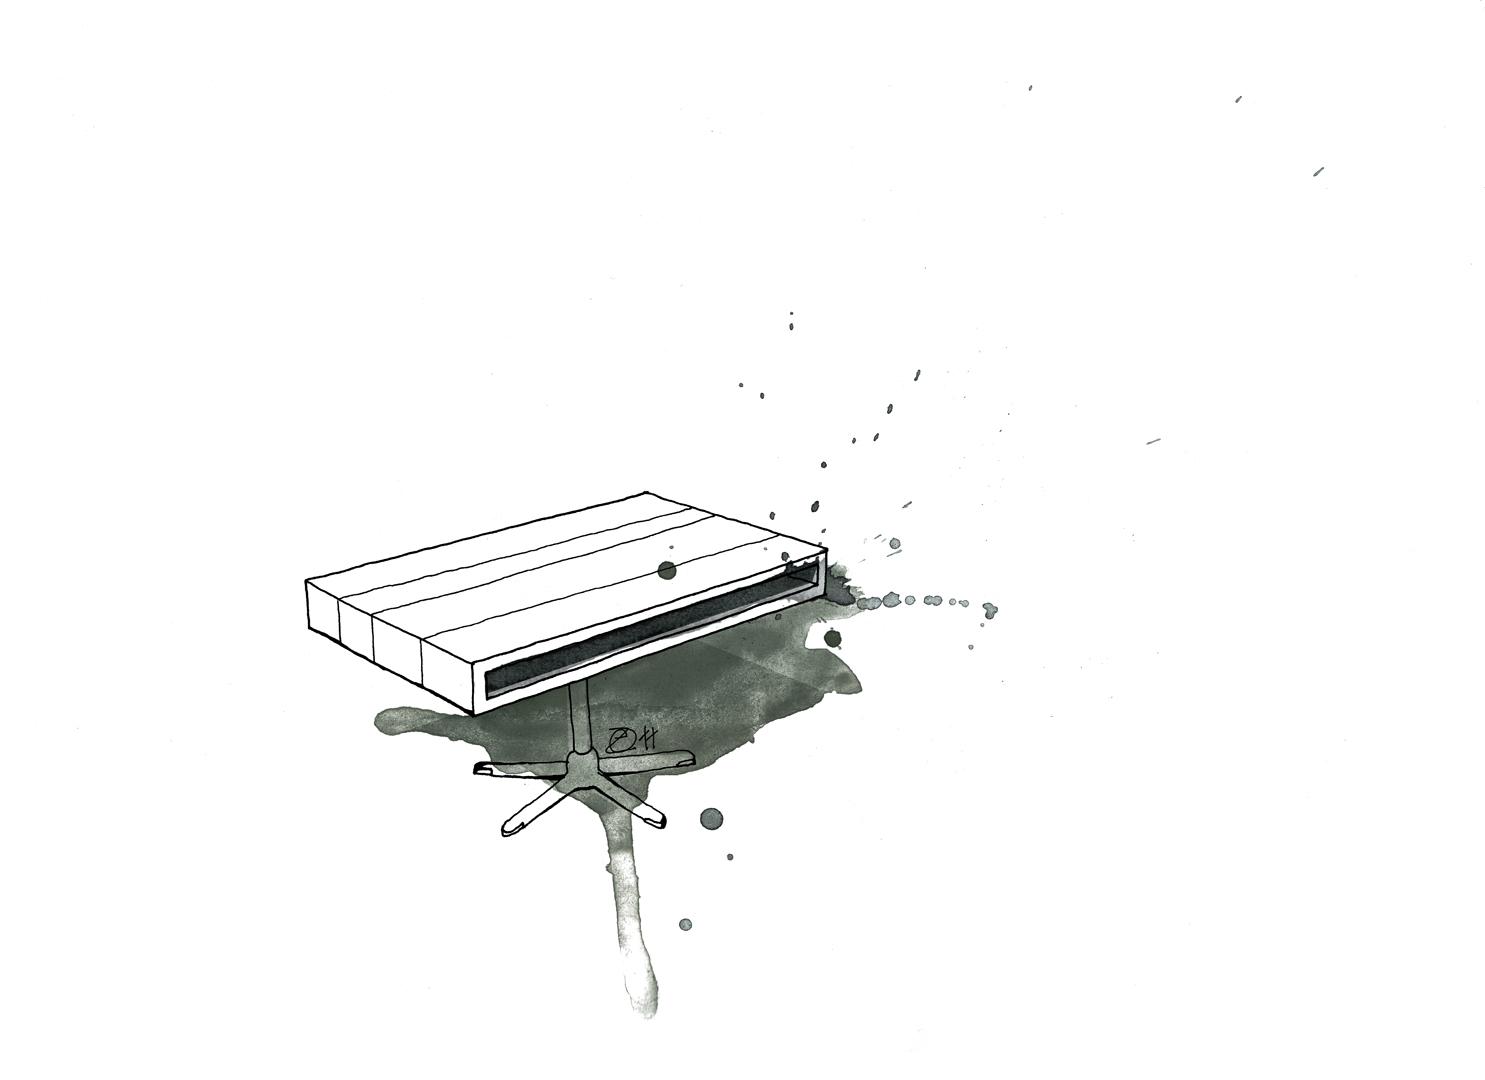 Couchtisch mit storage auf verstellbarem Fuß. Anfertigungen nach Maß. Danish Architect German Designer Maker Duo in Berlin. Design and furniture design illustration by Studio KERTI